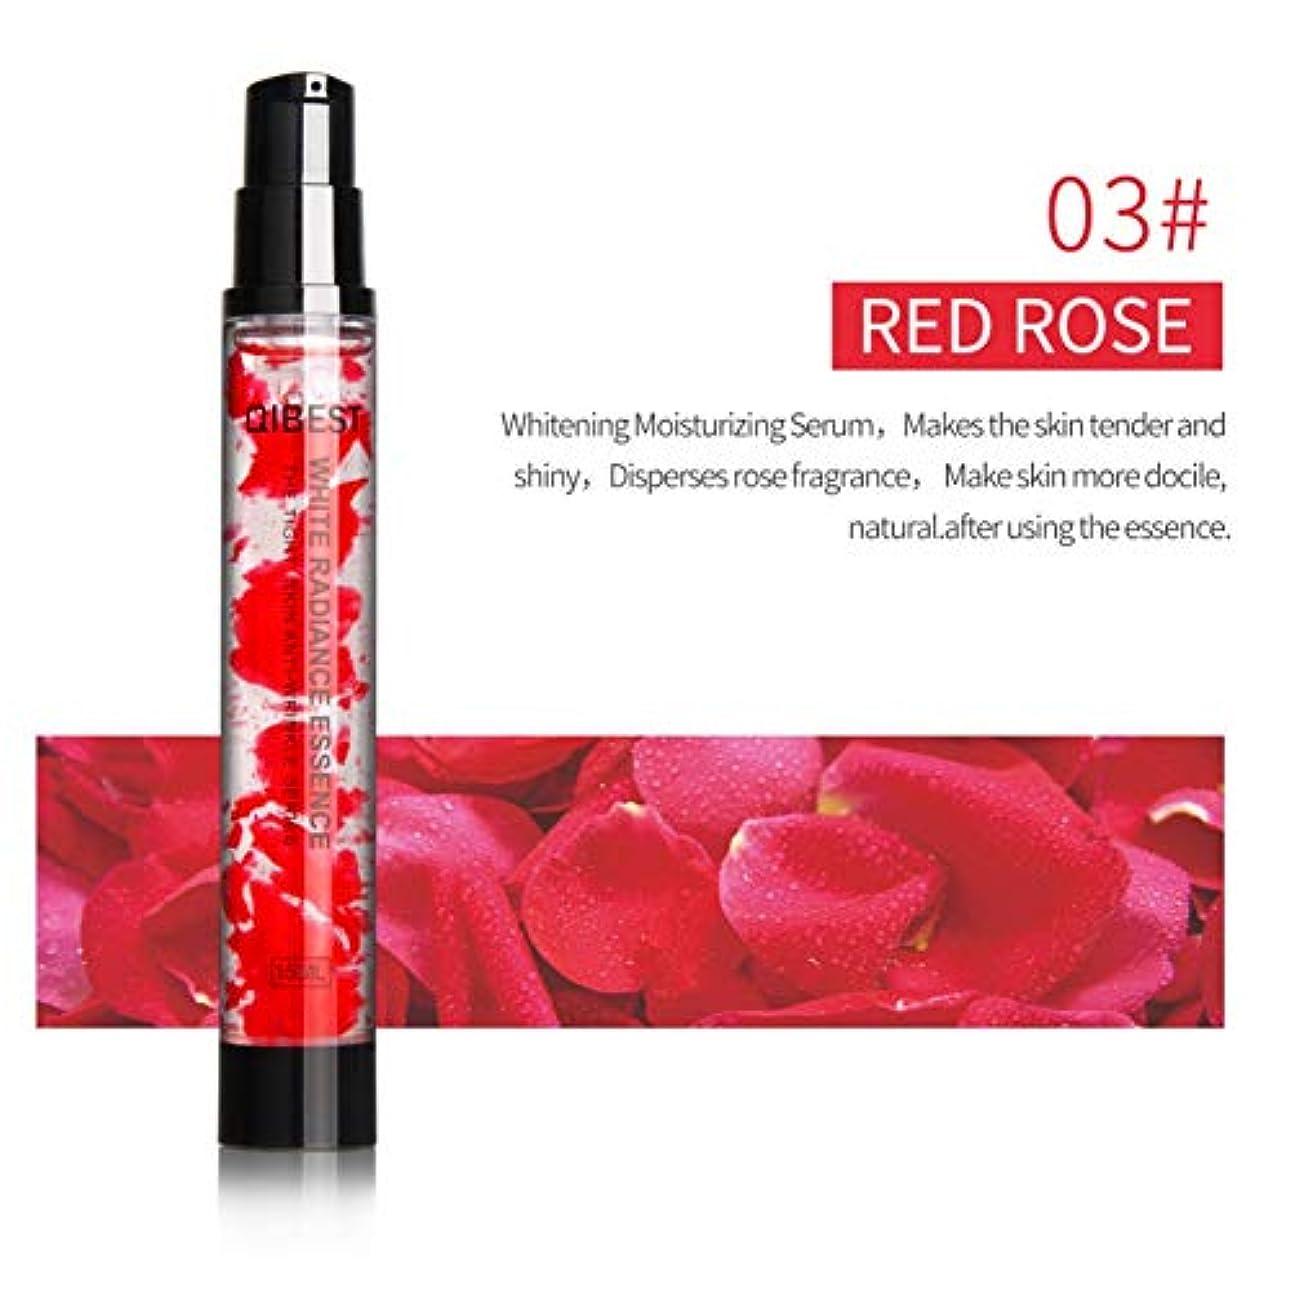 ヒップ吹きさらしスマートCutelove 美容液 セラム 保湿効果 肌を明るく、柔らかく ローズの香り 【レッド】